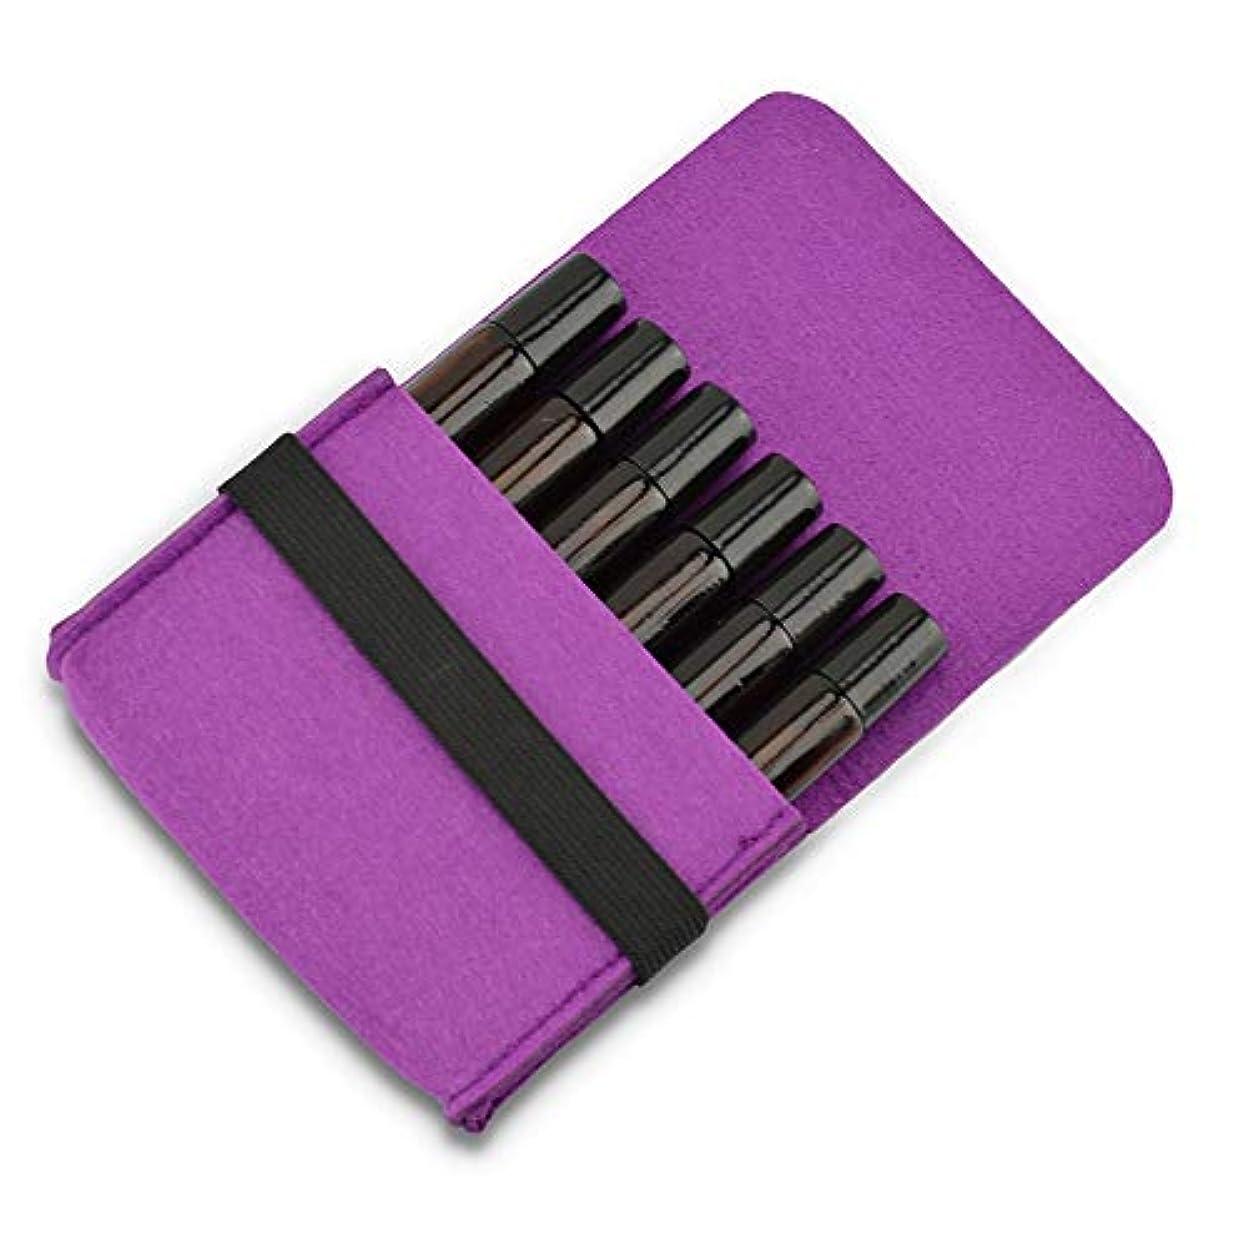 代理人豊富朝食を食べるエッセンシャルオイル収納ボックス エッセンシャルオイルの6本のボトル10MLオイルスーツケース旅行主催者は油を整理して表示するためのポケット収納袋を感じました 丈夫で持ち運びが簡単 (色 : 紫の, サイズ : 13X10X3CM)